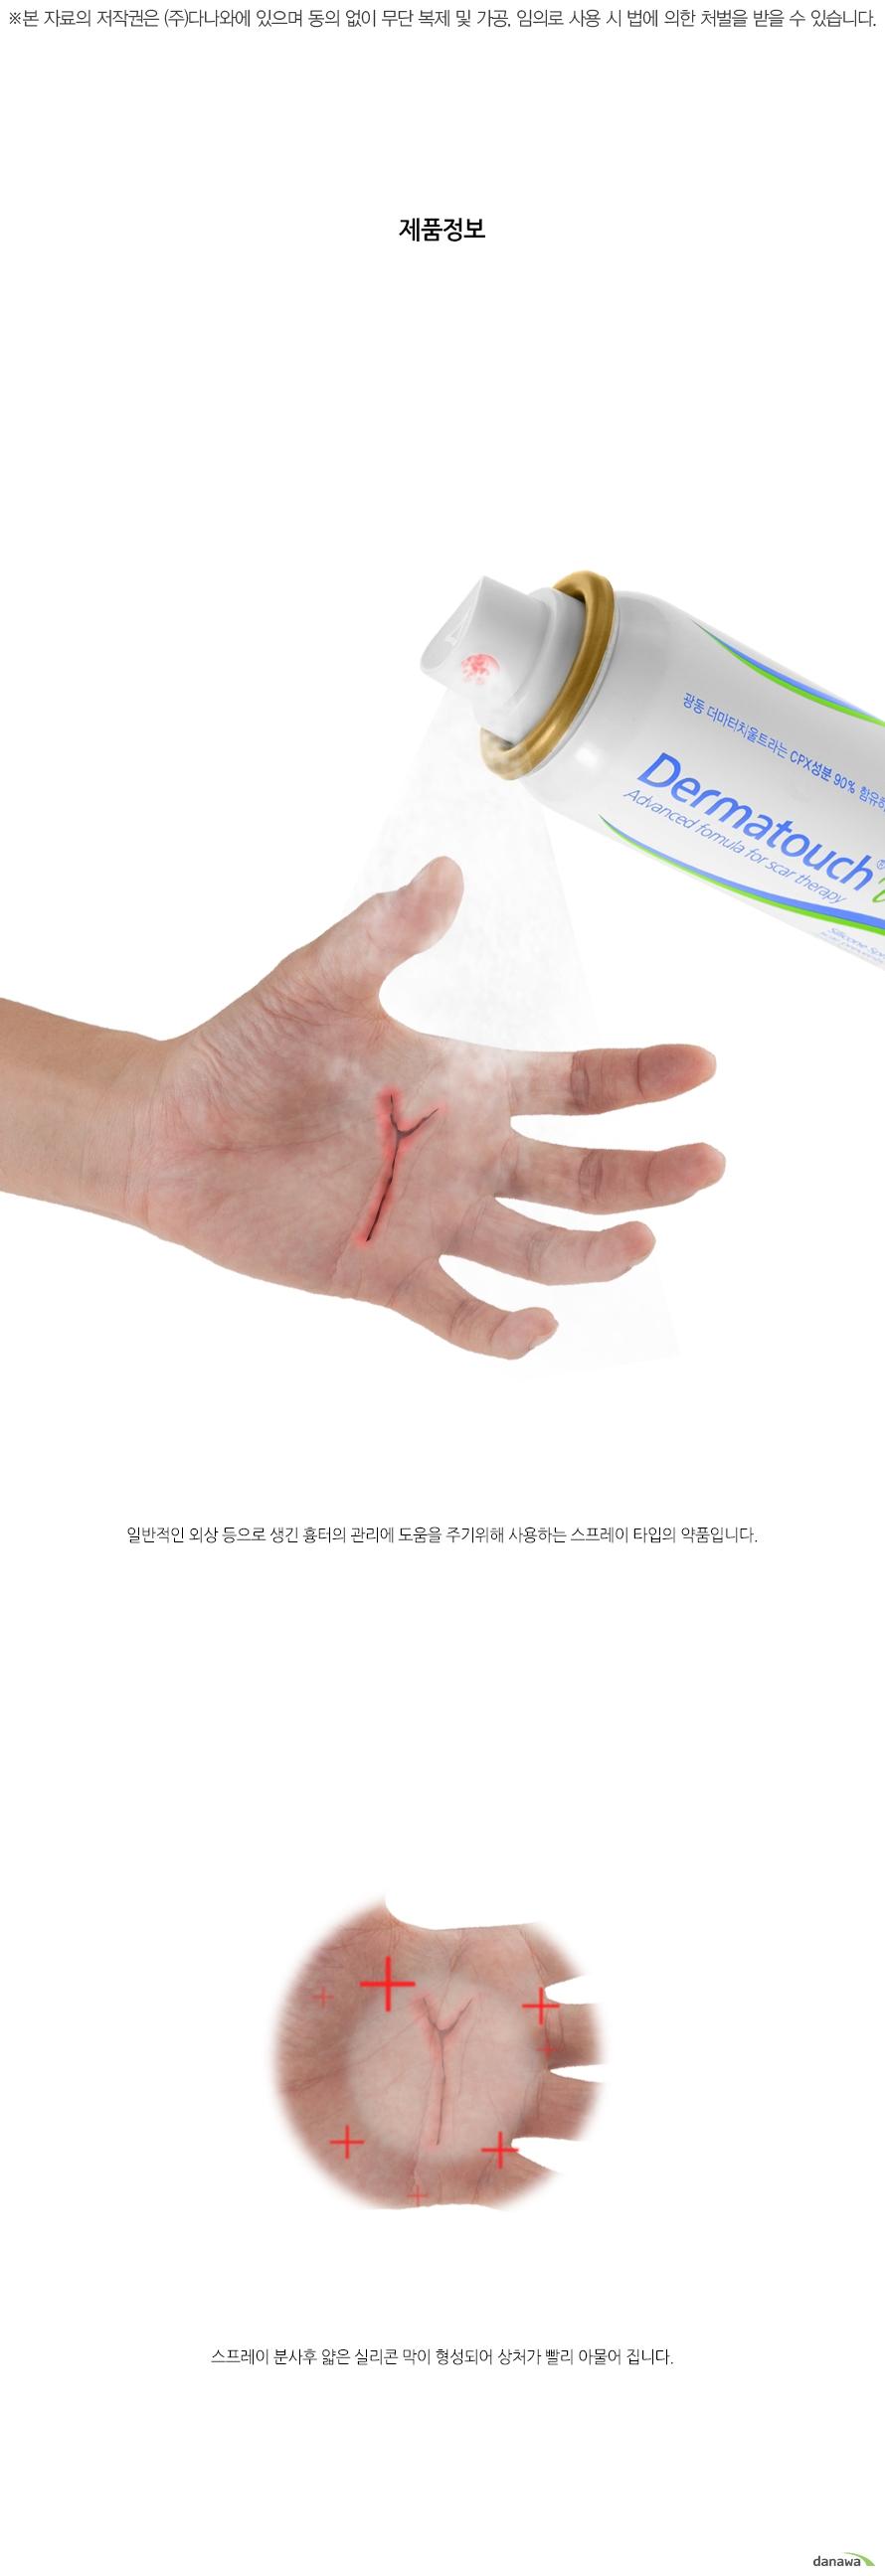 제품정보일반적인 외상 등으로 생긴 흉터의 관리에 도움을 주기위해 사용하는 스프레이 타입의 약품입니다.스프레이 분사후 얇은 실리콘 막이 형성되어 상처가 빨리 아물어 집니다.